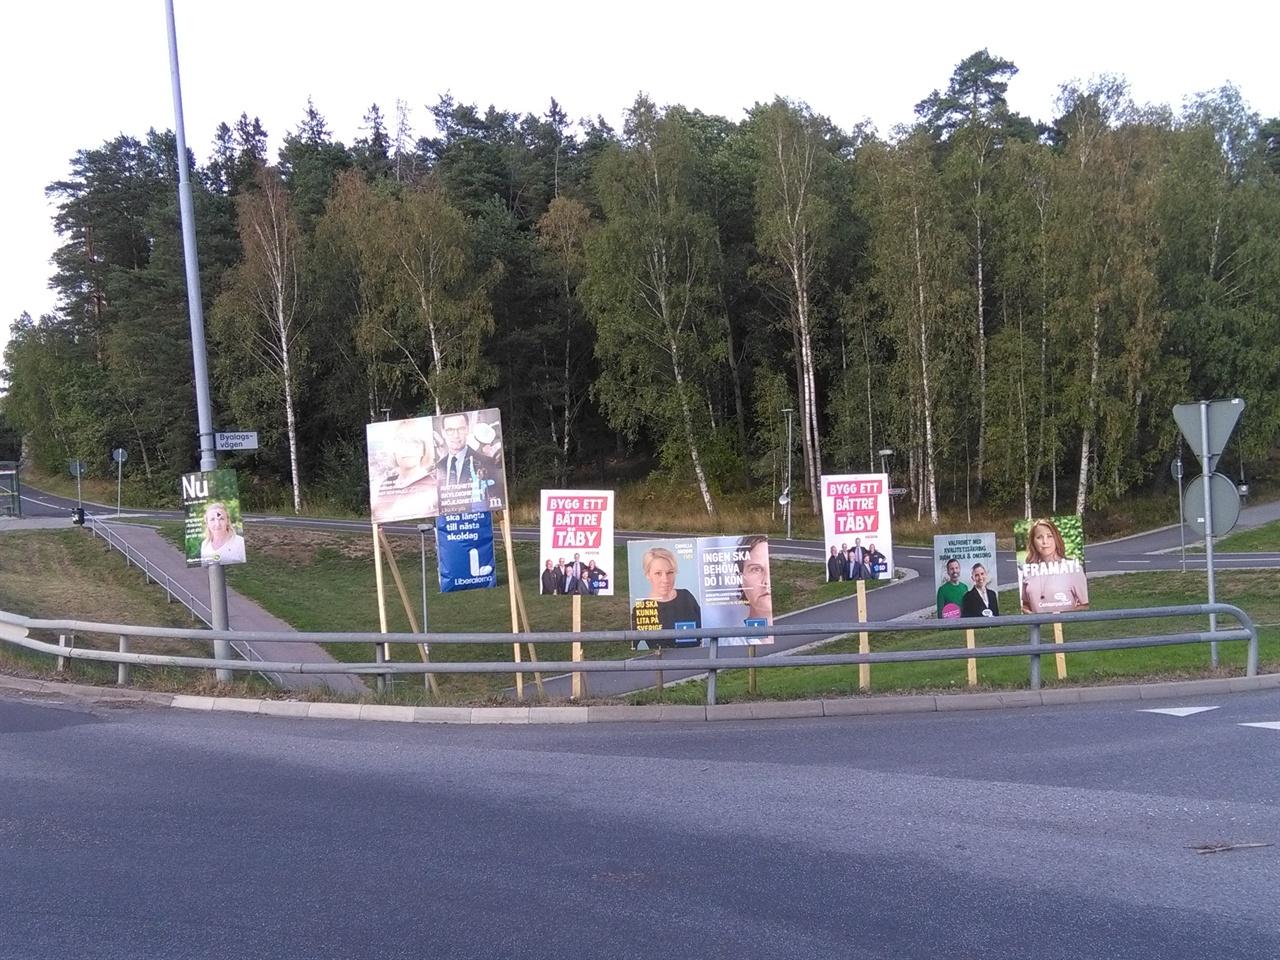 선거 포스터 통행량이 많은 교차로에 설치되어 있는 선거 포스터